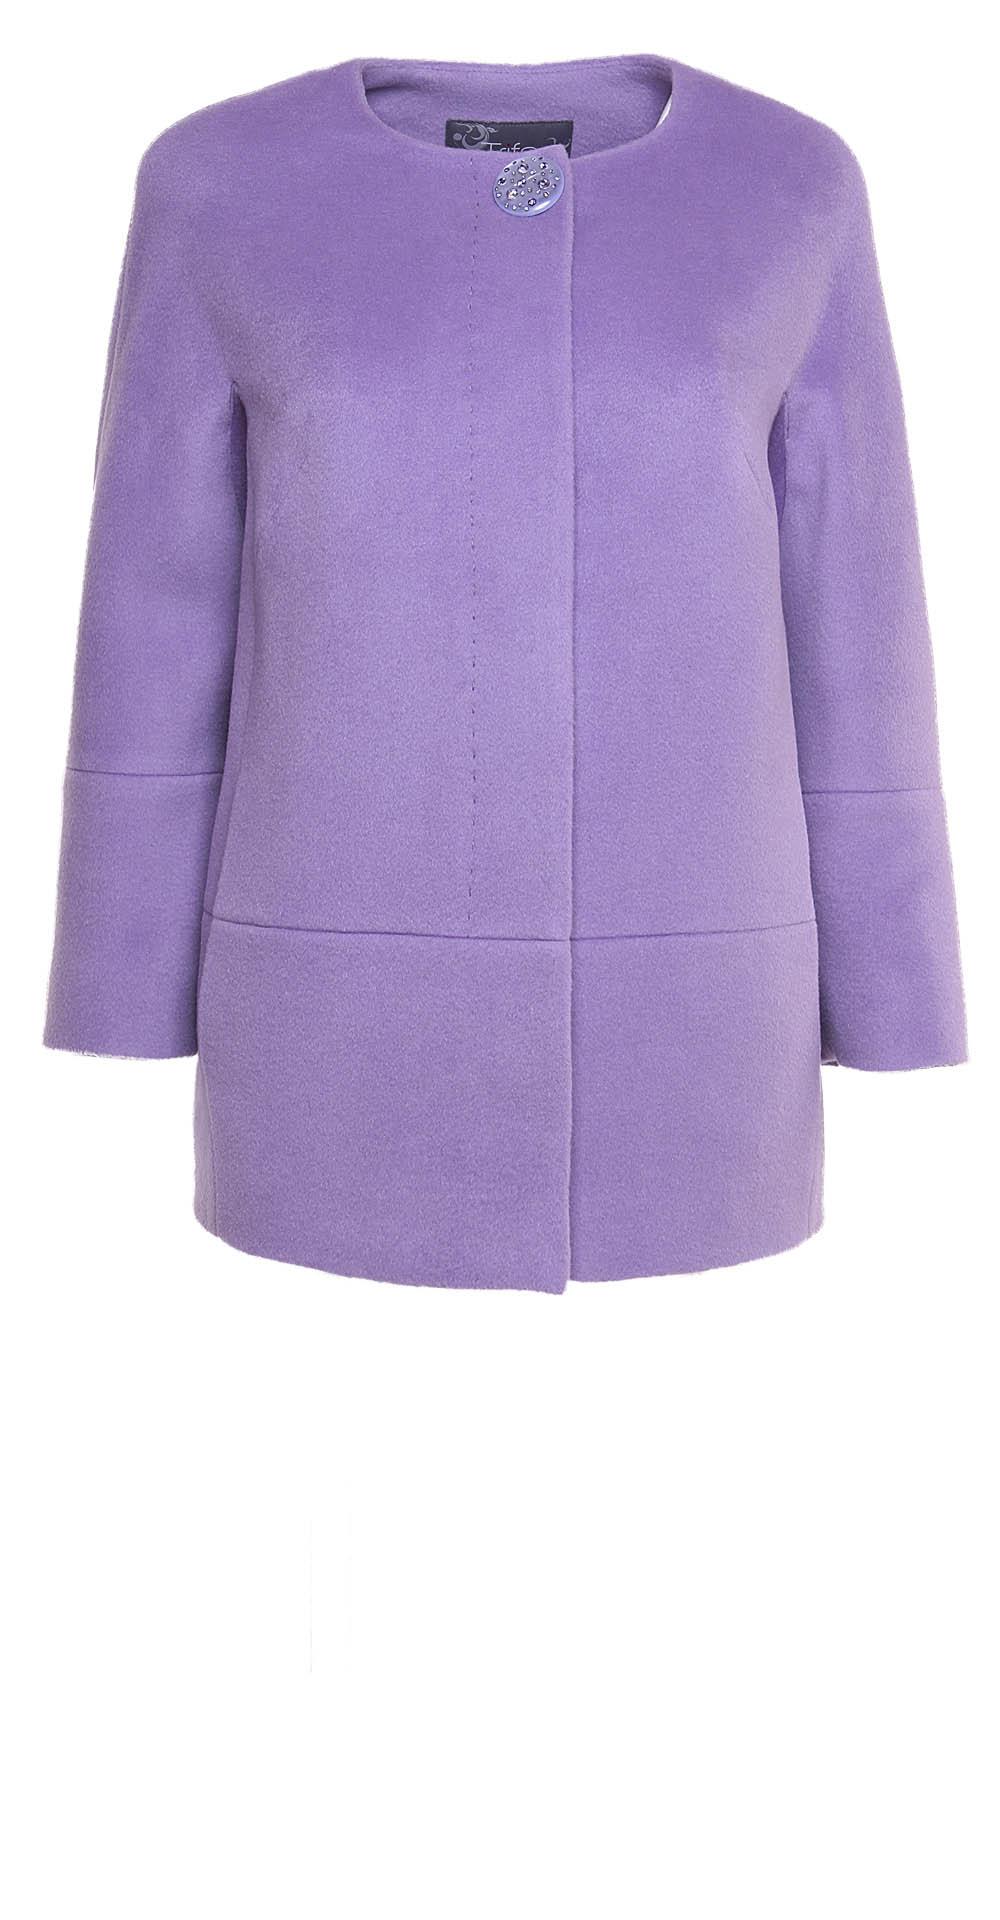 Пальто из шерсти, цвет: Лиловый - купить за 11900 в магазине - Гипермаркет меха